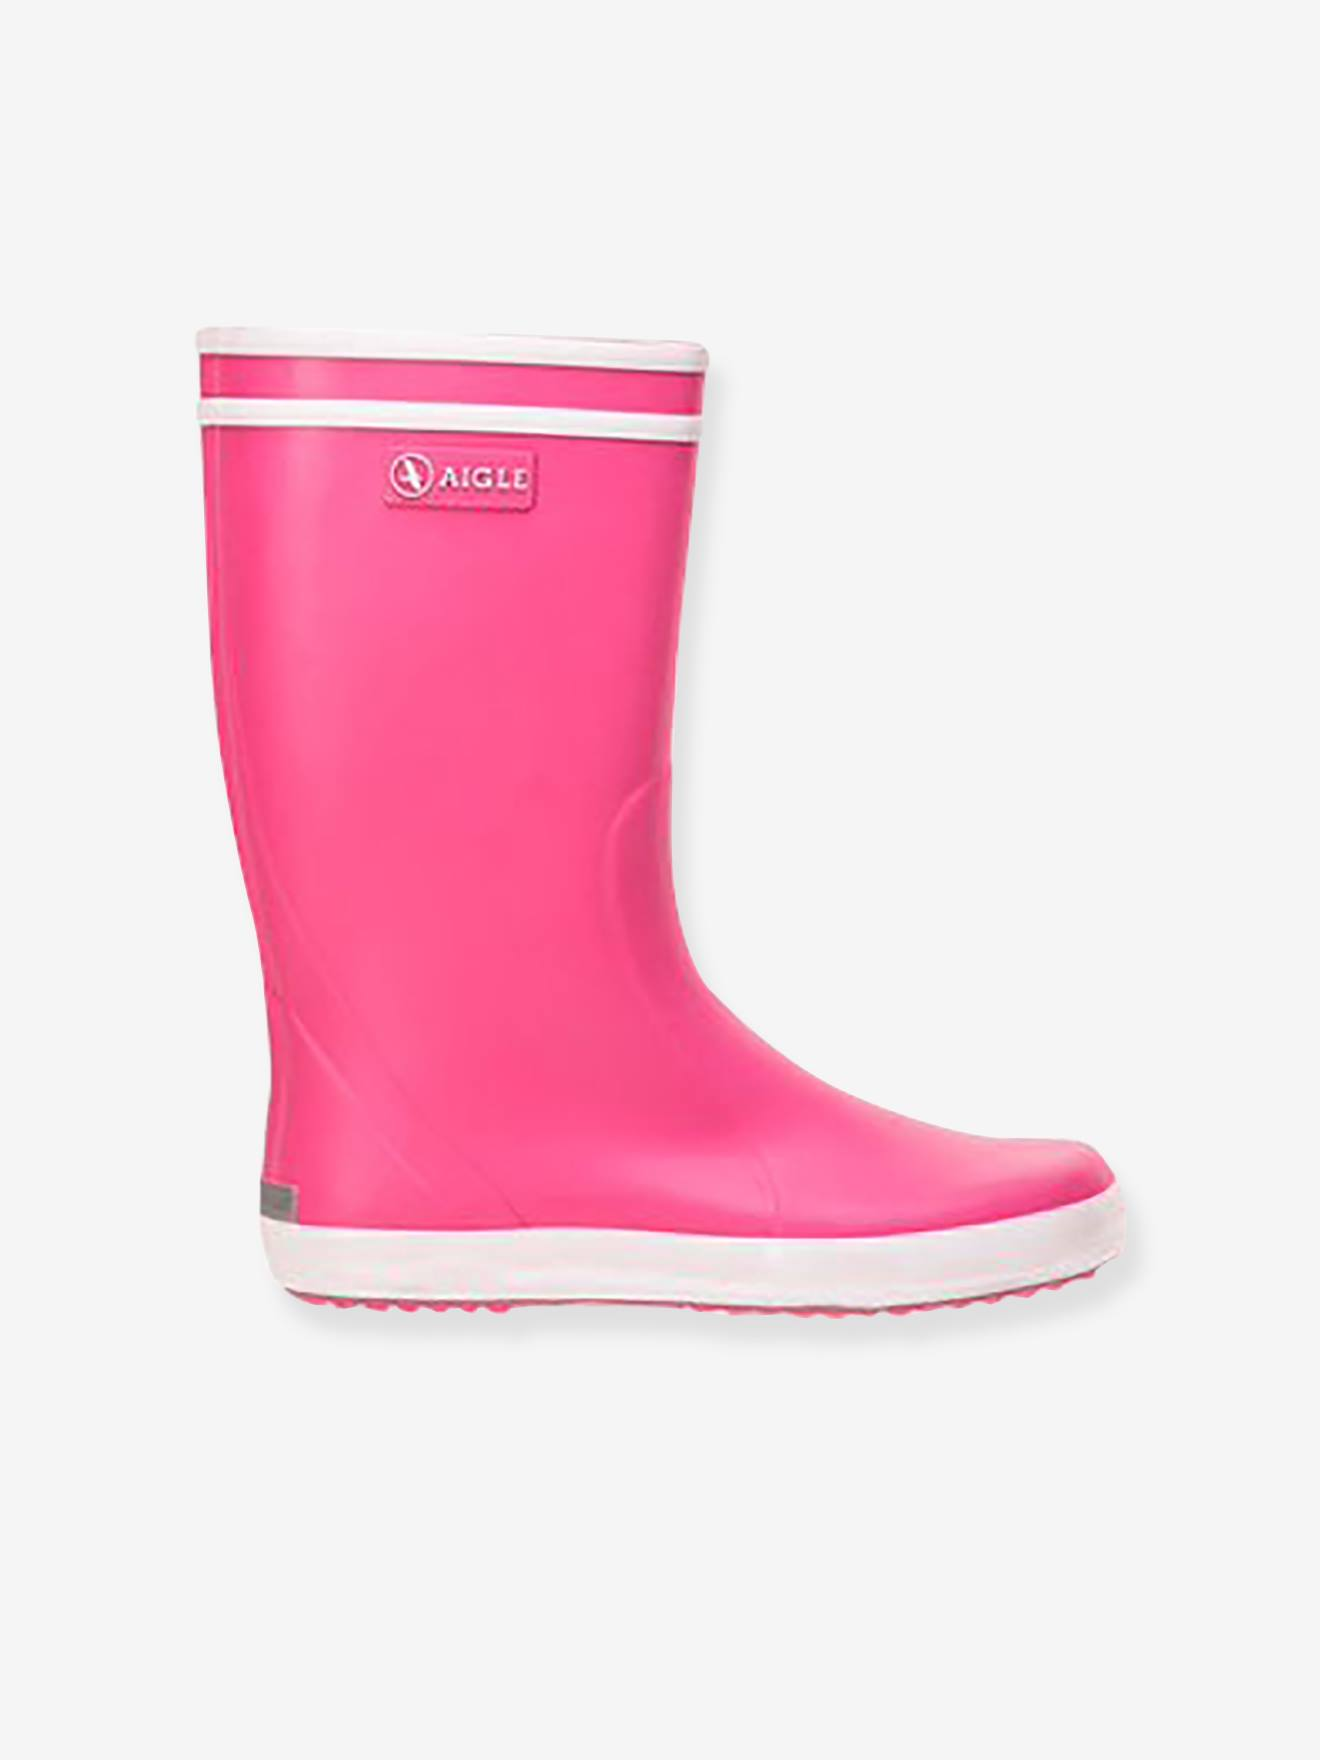 bottes pluie enfant aigle rose